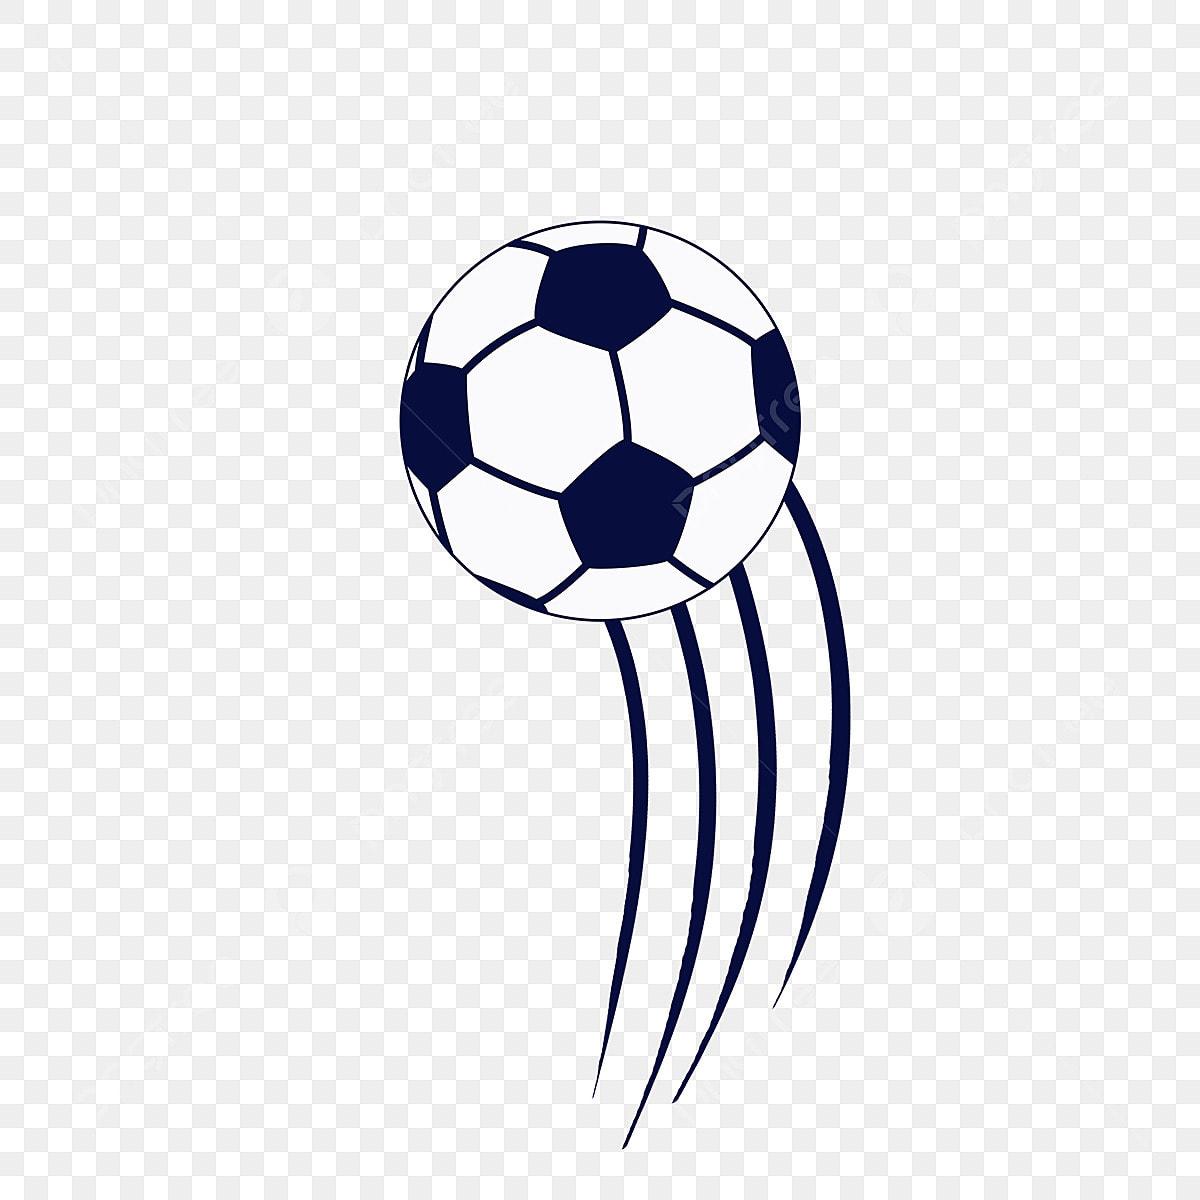 Football Logo Png الصور ناقل و Psd الملفات تحميل مجاني على Pngtree